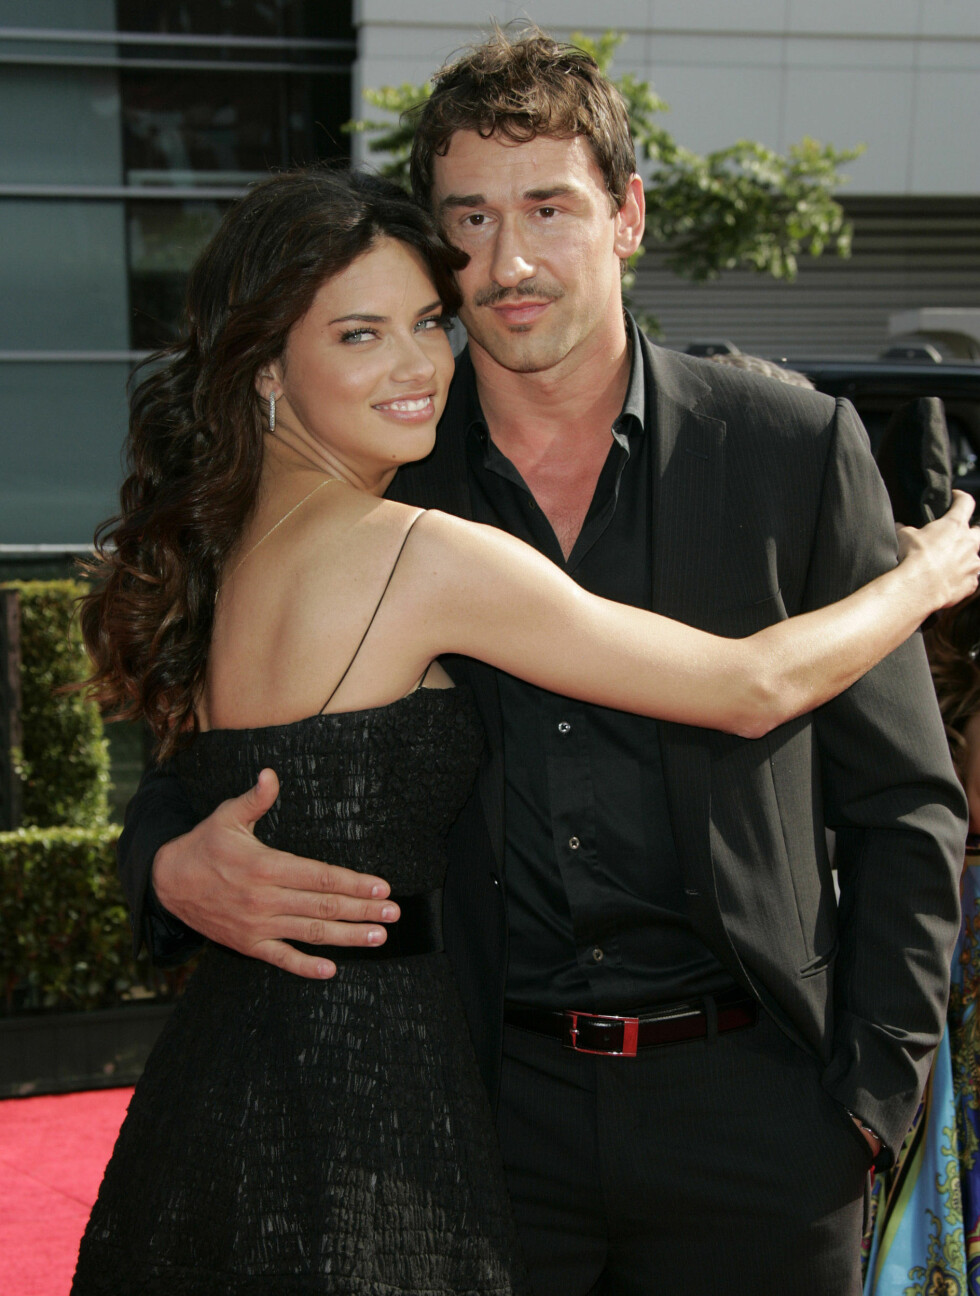 VENTET: Den brasilianske modellen Adriana Lima giftet seg med NBA basketball-spiller Marko Jaric på Valentinesdagen i 2009, etter tre år som kjærester. Hun hadde gjort det klinkende klart at hun ikke har sex før etter ekteskapet: - Han må respektere  Foto: Stella Pictures